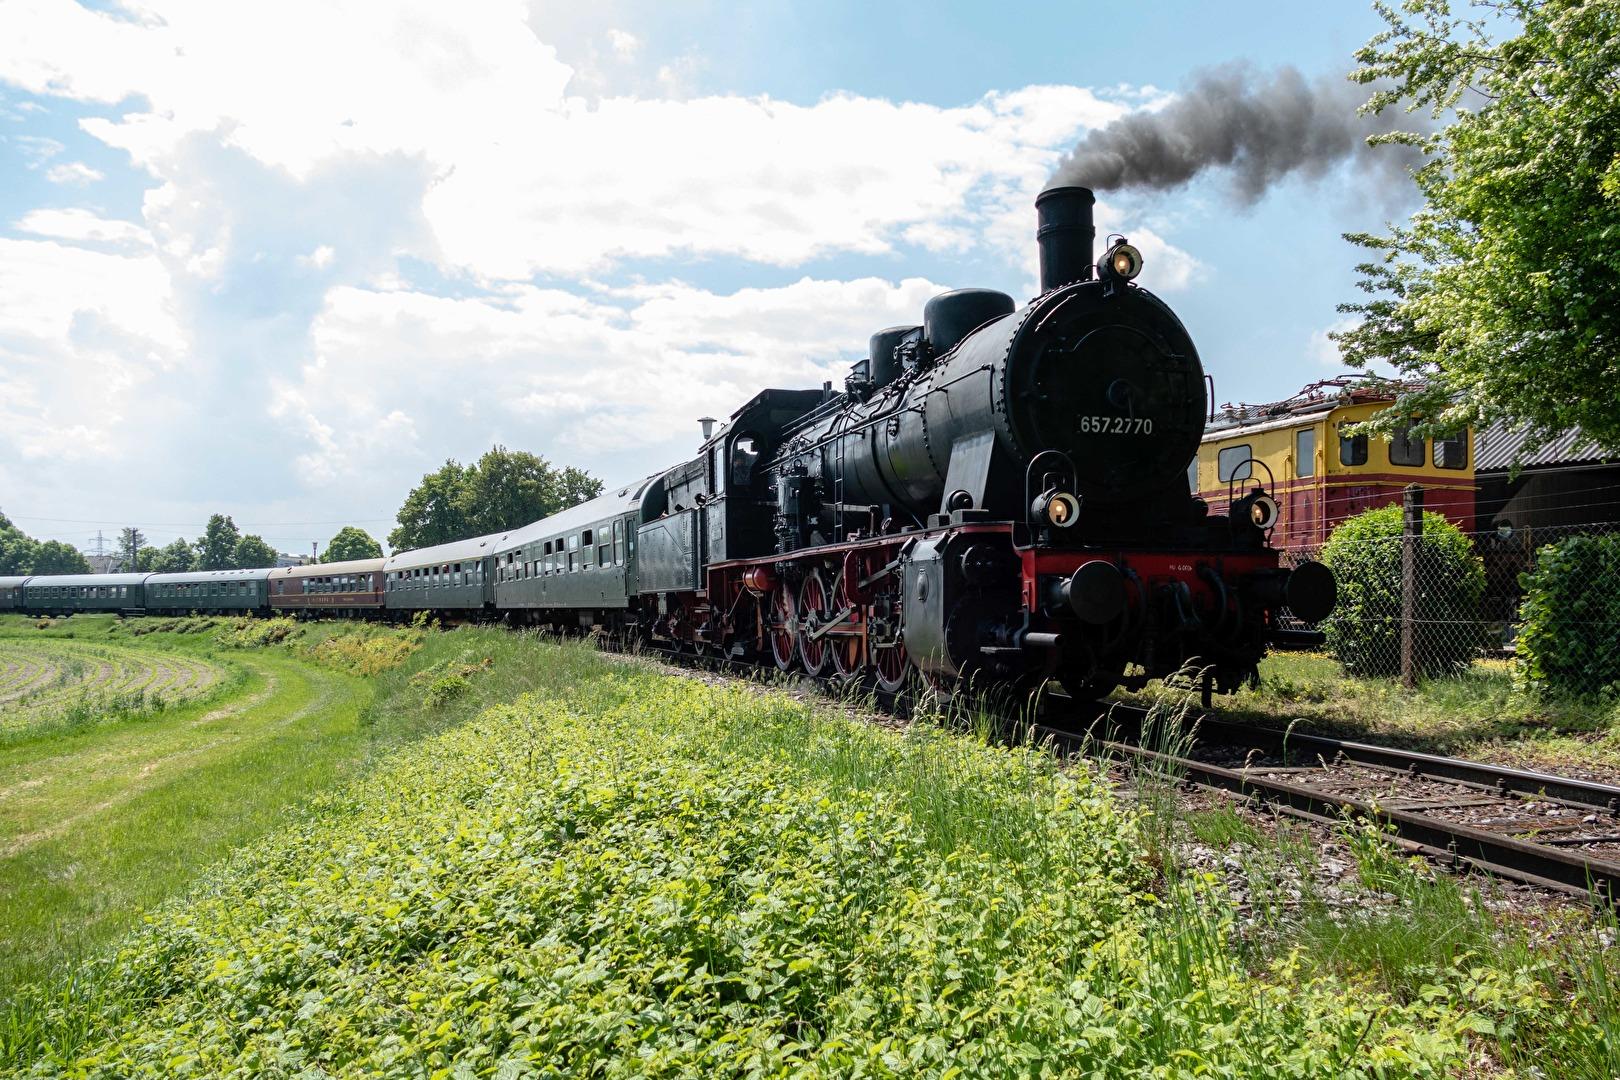 österreichische Dampflok 657.2770 vor einem Sonderzug